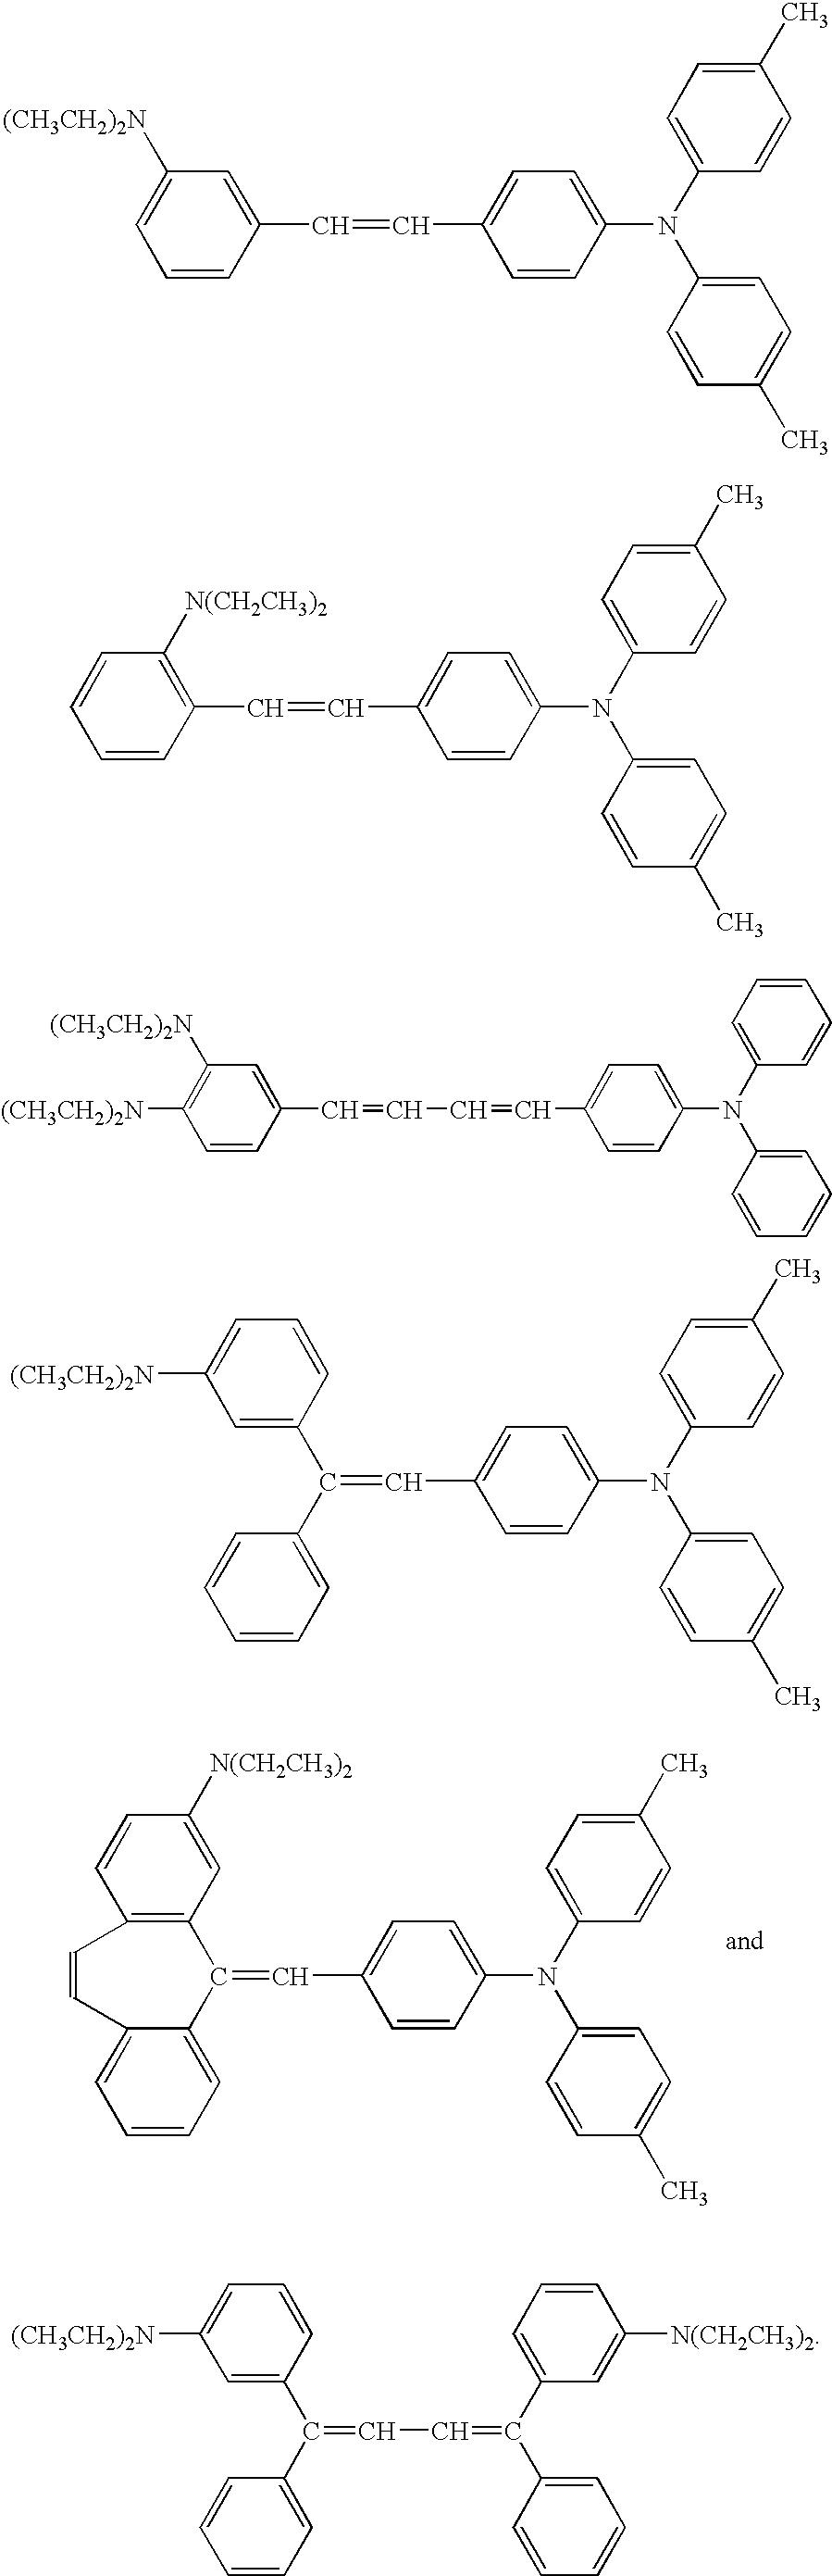 Figure US06861188-20050301-C00237